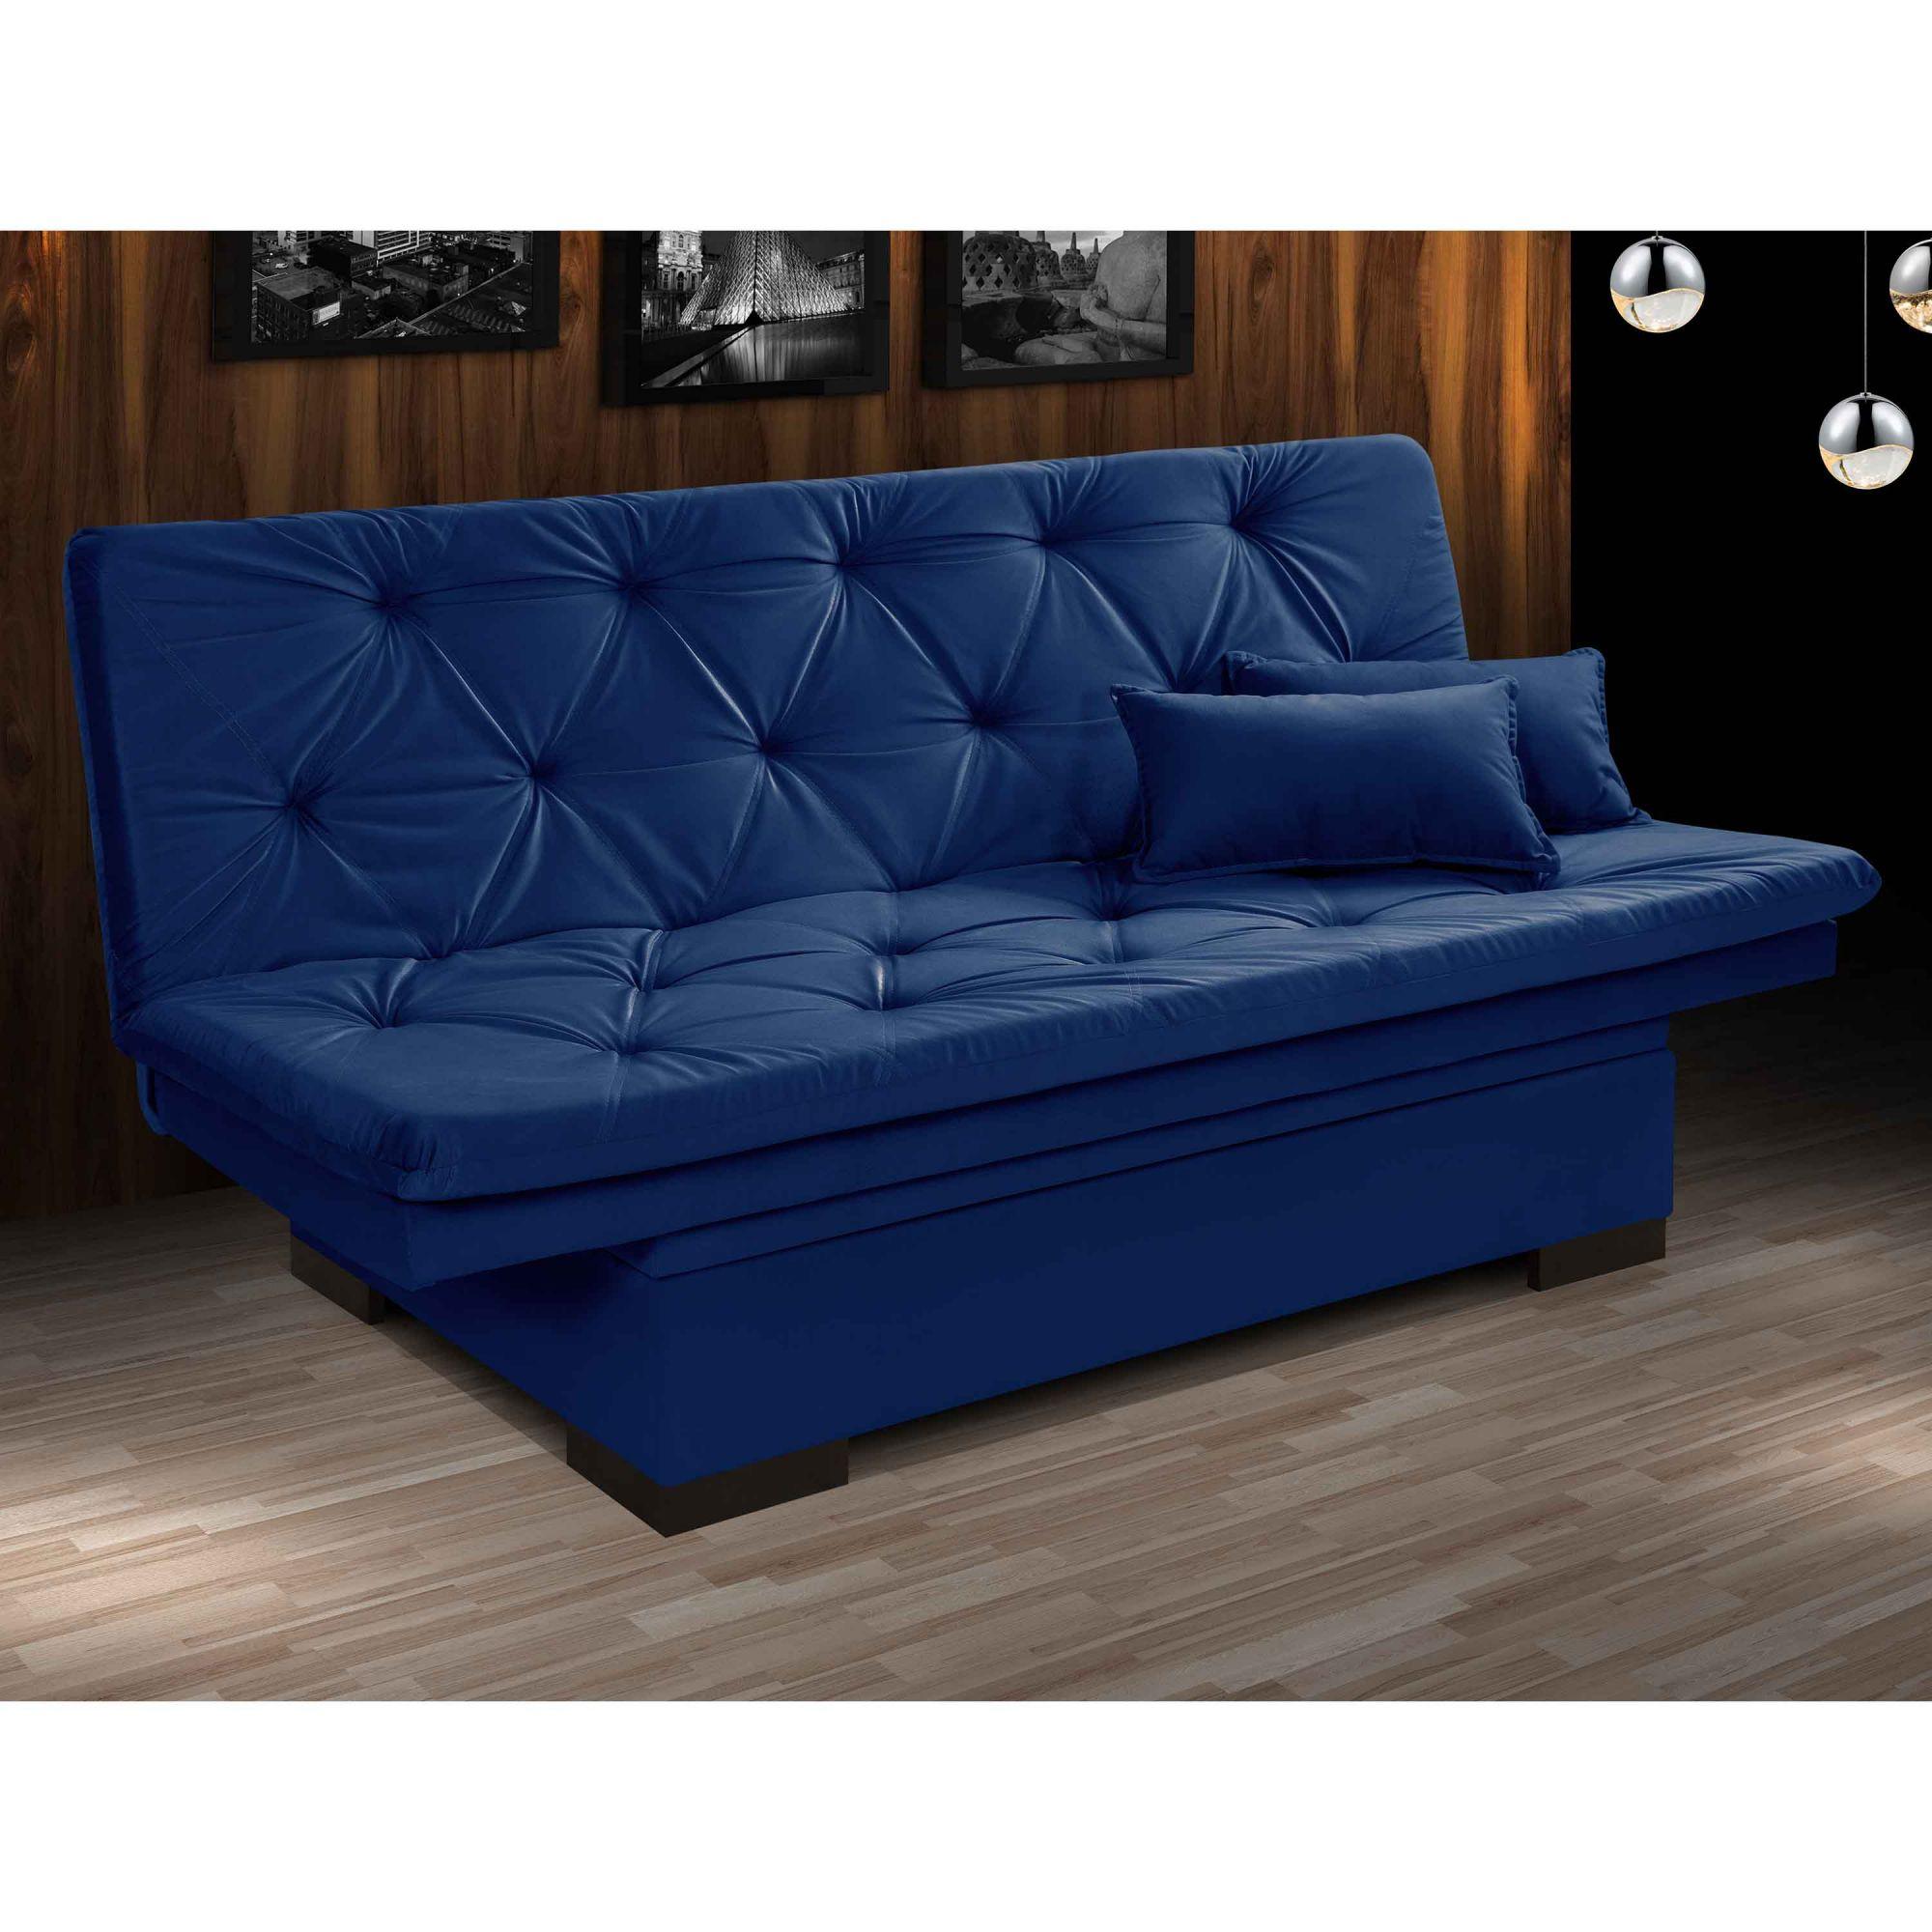 Sofá Cama 3 Lugares Reclinável com Bau Valentim Azul Marinho